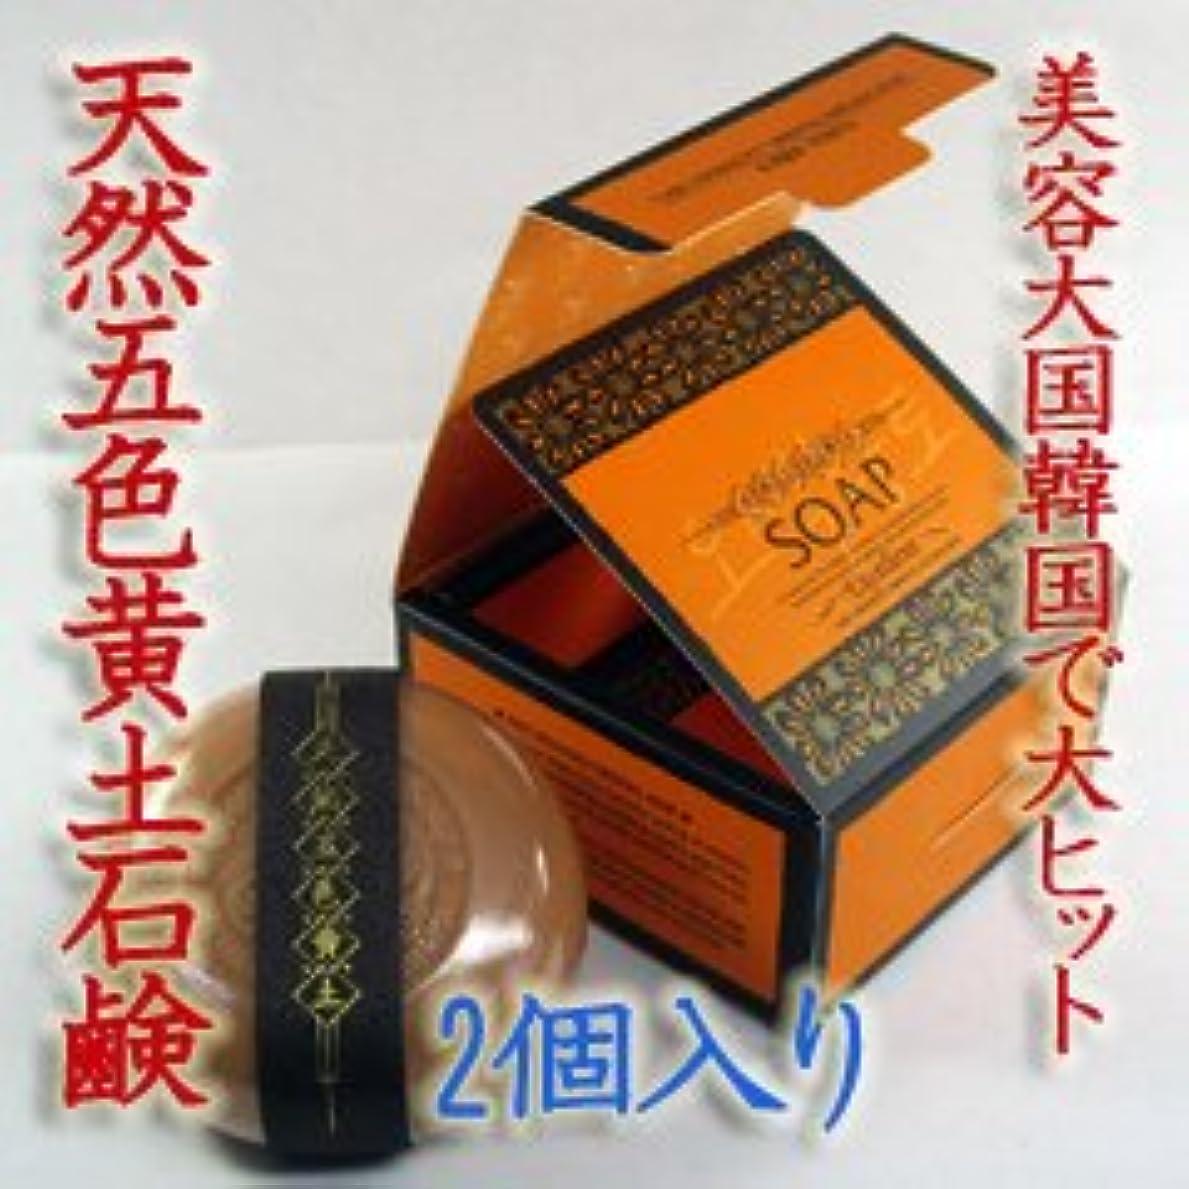 デモンストレーション適切な段階美容石鹸 【五色黄土石鹸 2個入り】 ピエラス正規品